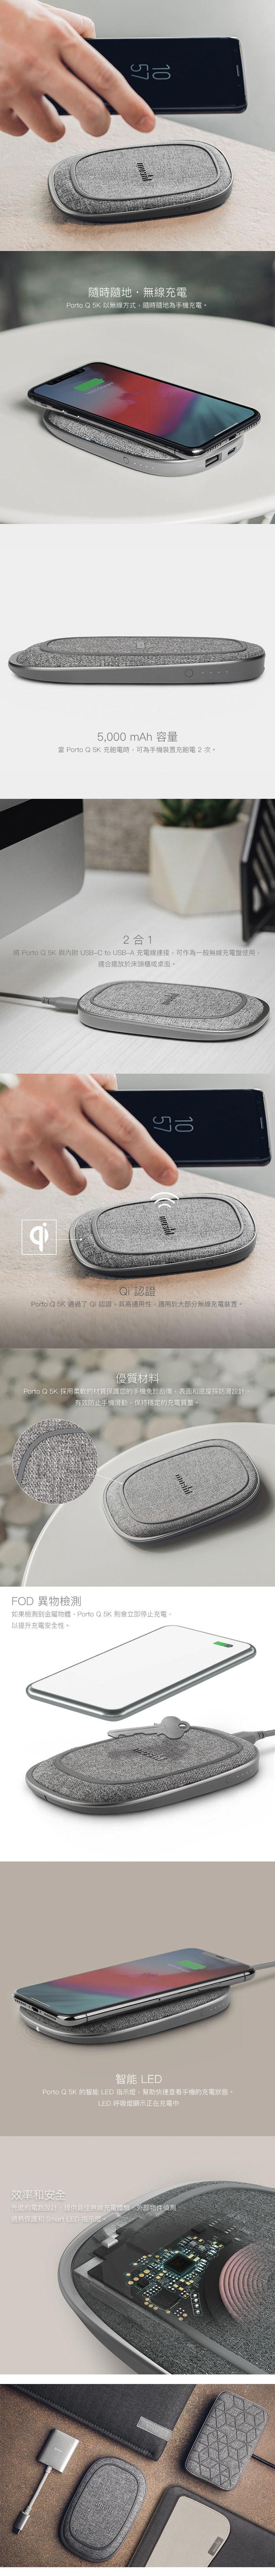 ・內置支援 Qi 無線快充的行動電池 ・兼容厚達 5mm 的手機保護殼進行充電 ・表面與底座採防滑設計,方便單手使用 ・FOD異物檢測功能,提升安全性 ・電池容量:5,000 mAh ・內附 50 公分 USB-C to USB-A 充電線